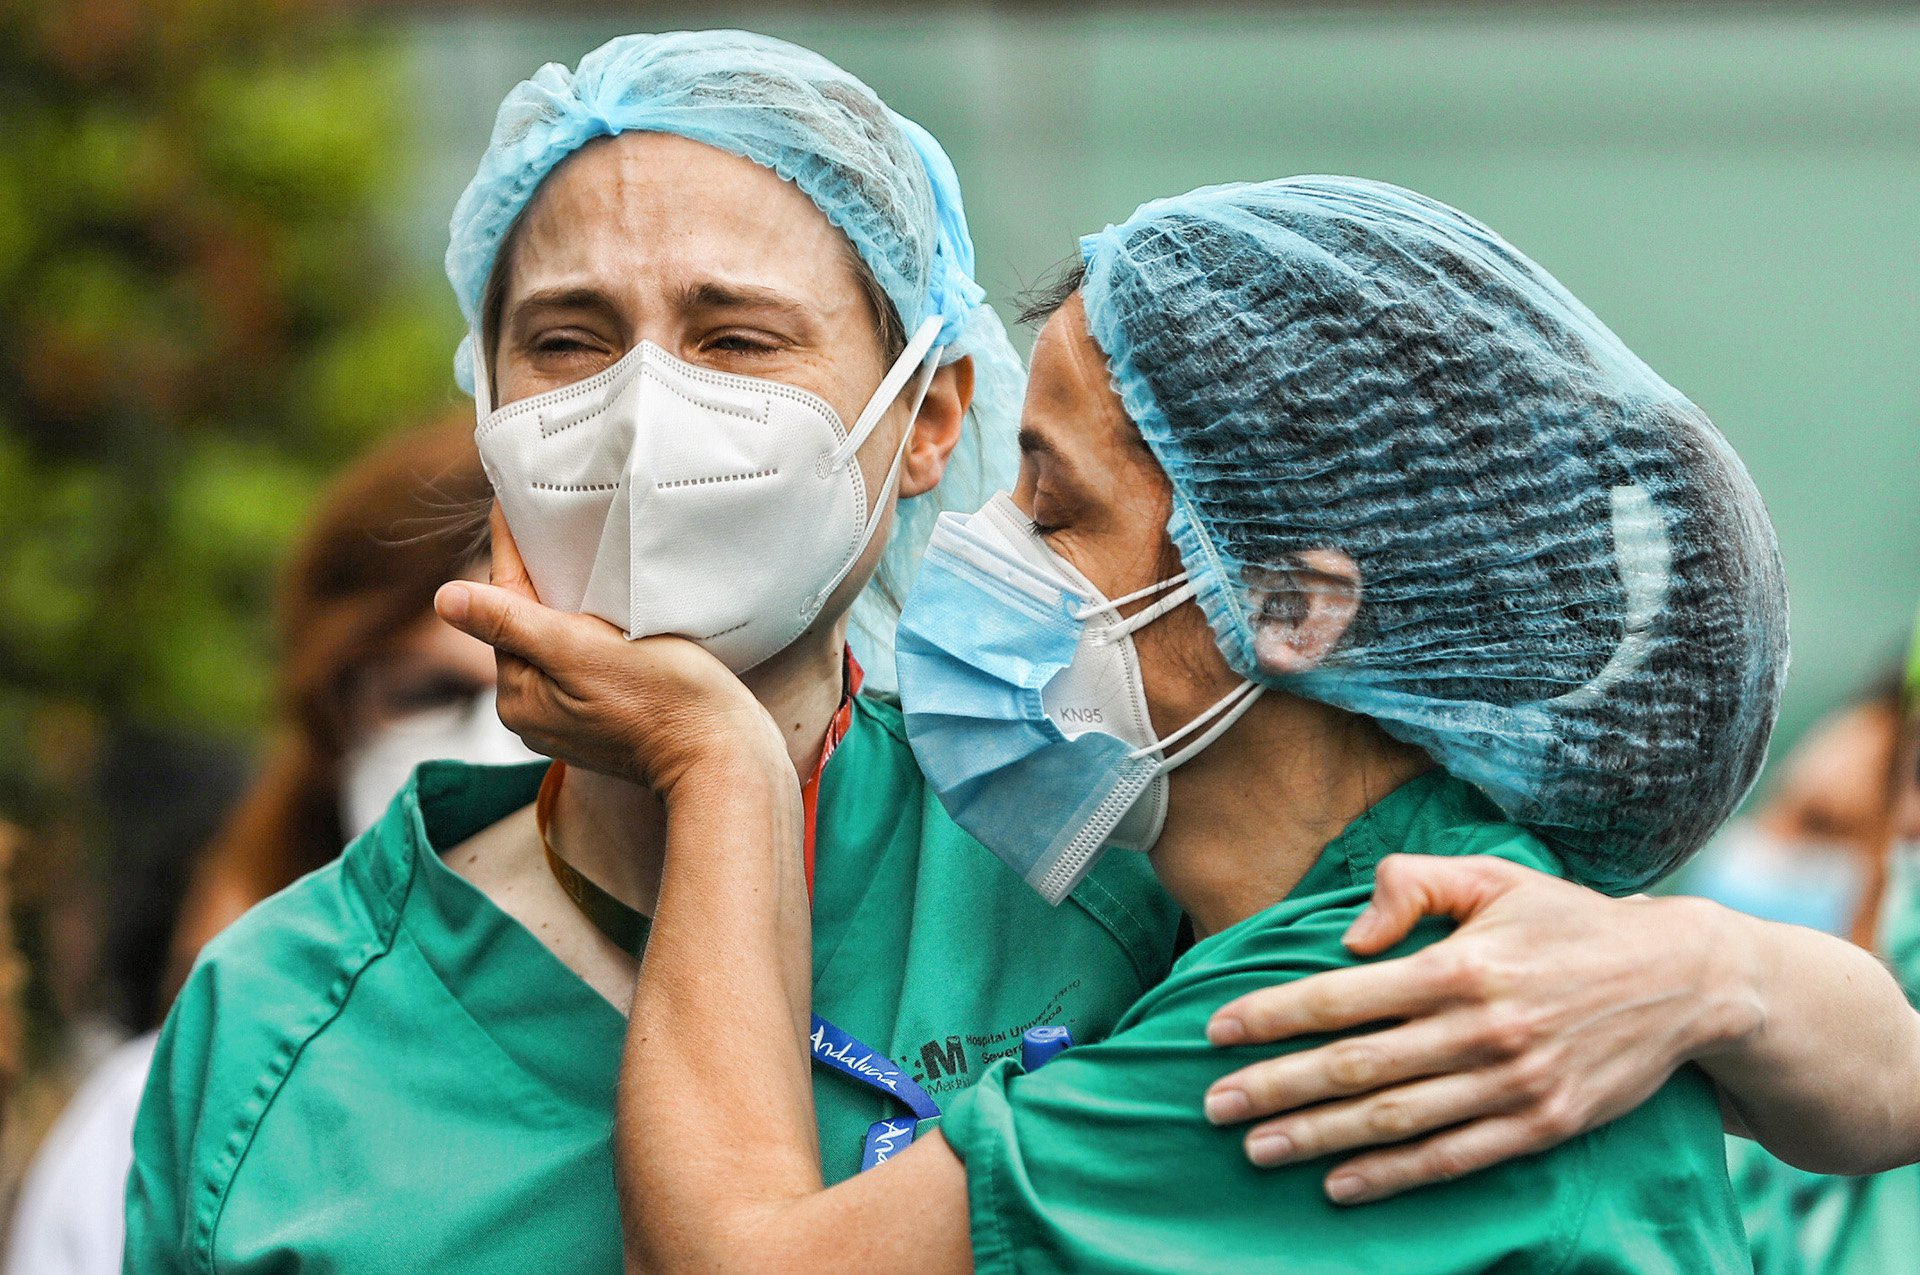 Saúde mental durante a pandemia - OMS afirma que aumentou o índice de depressão